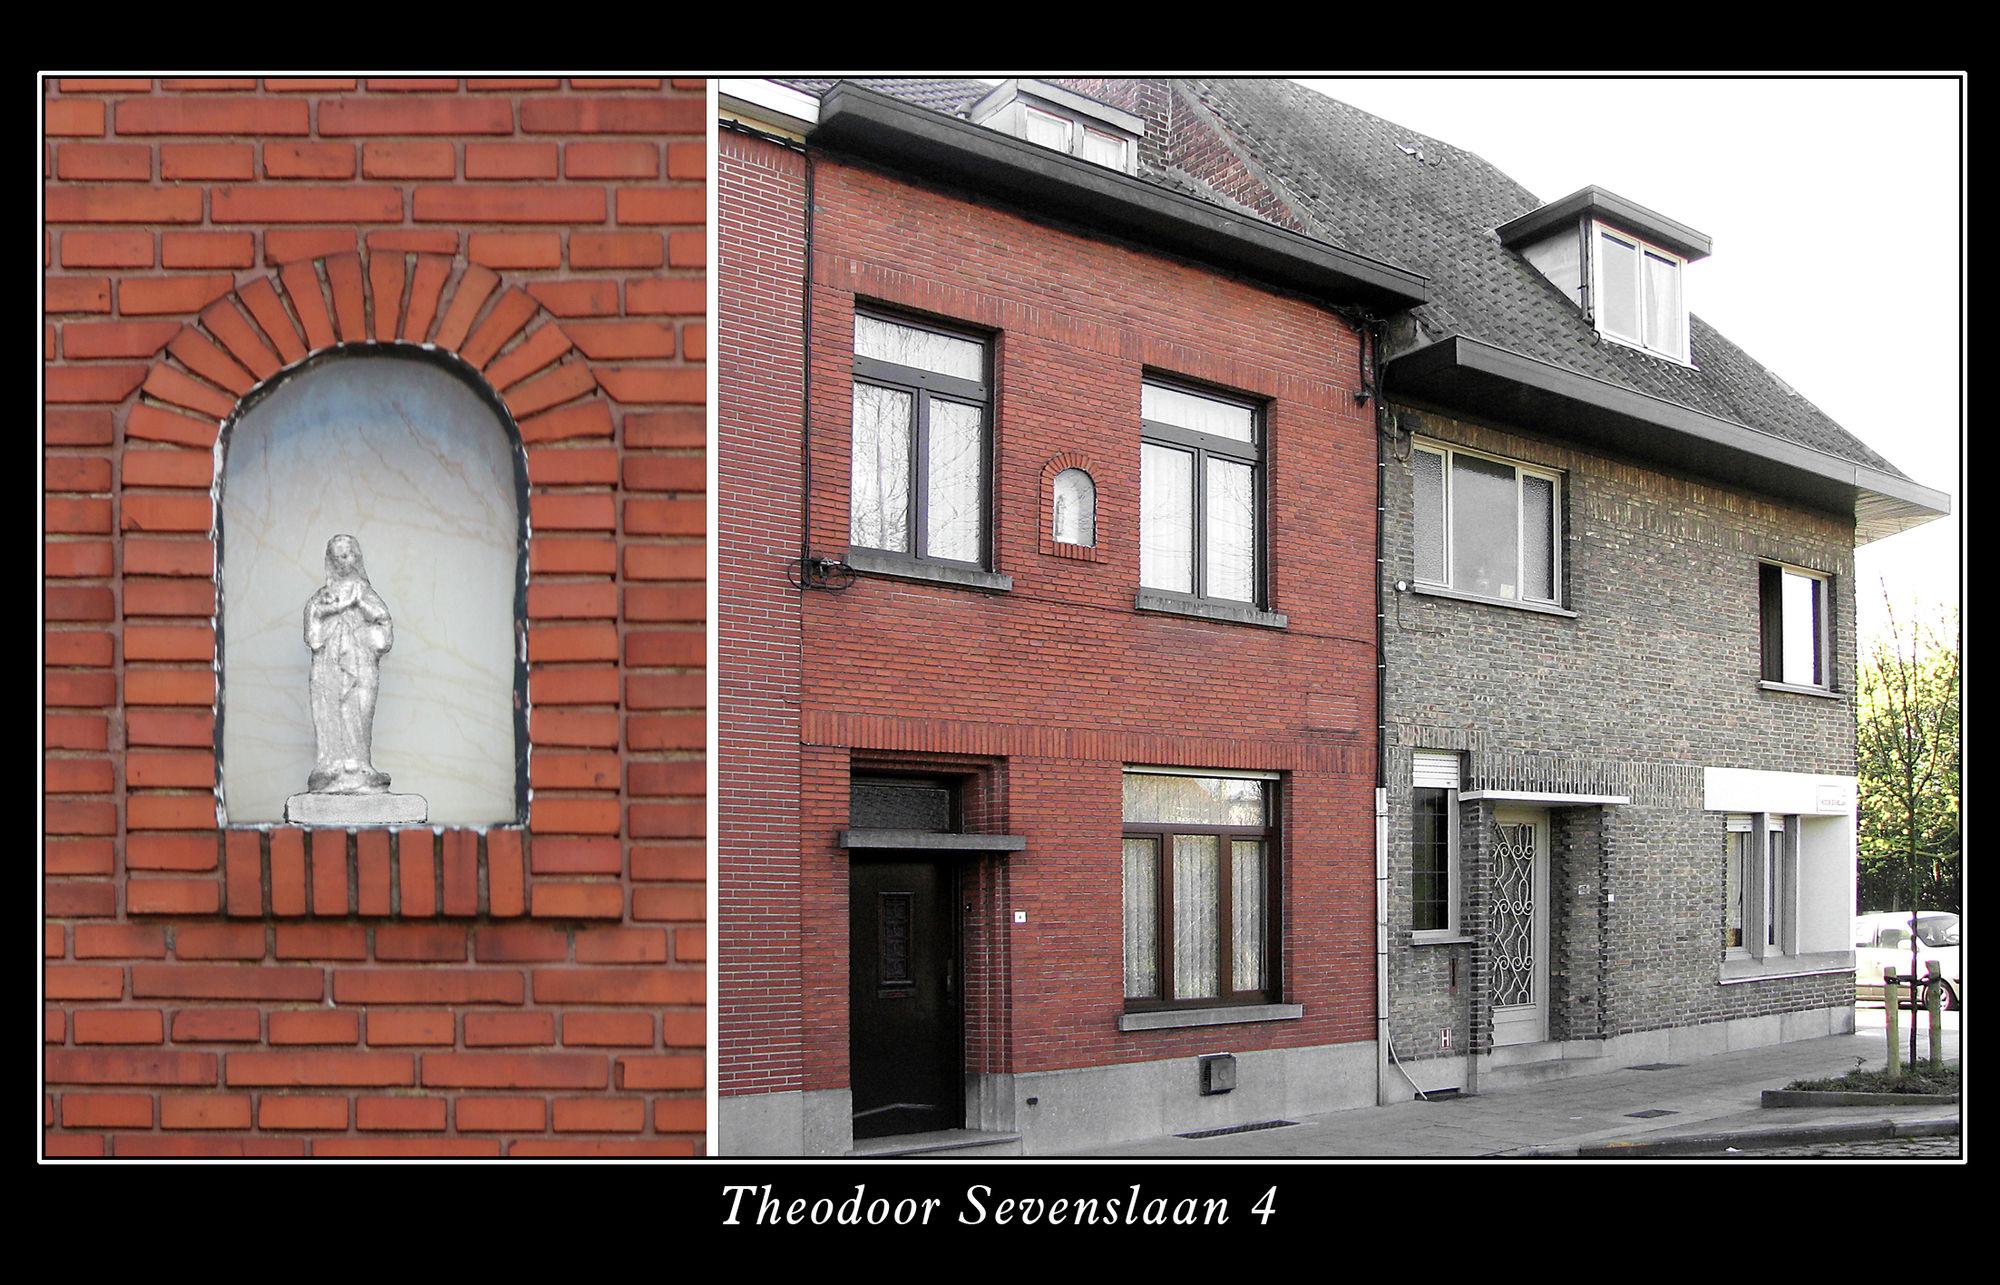 Theodoor Sevenslaan